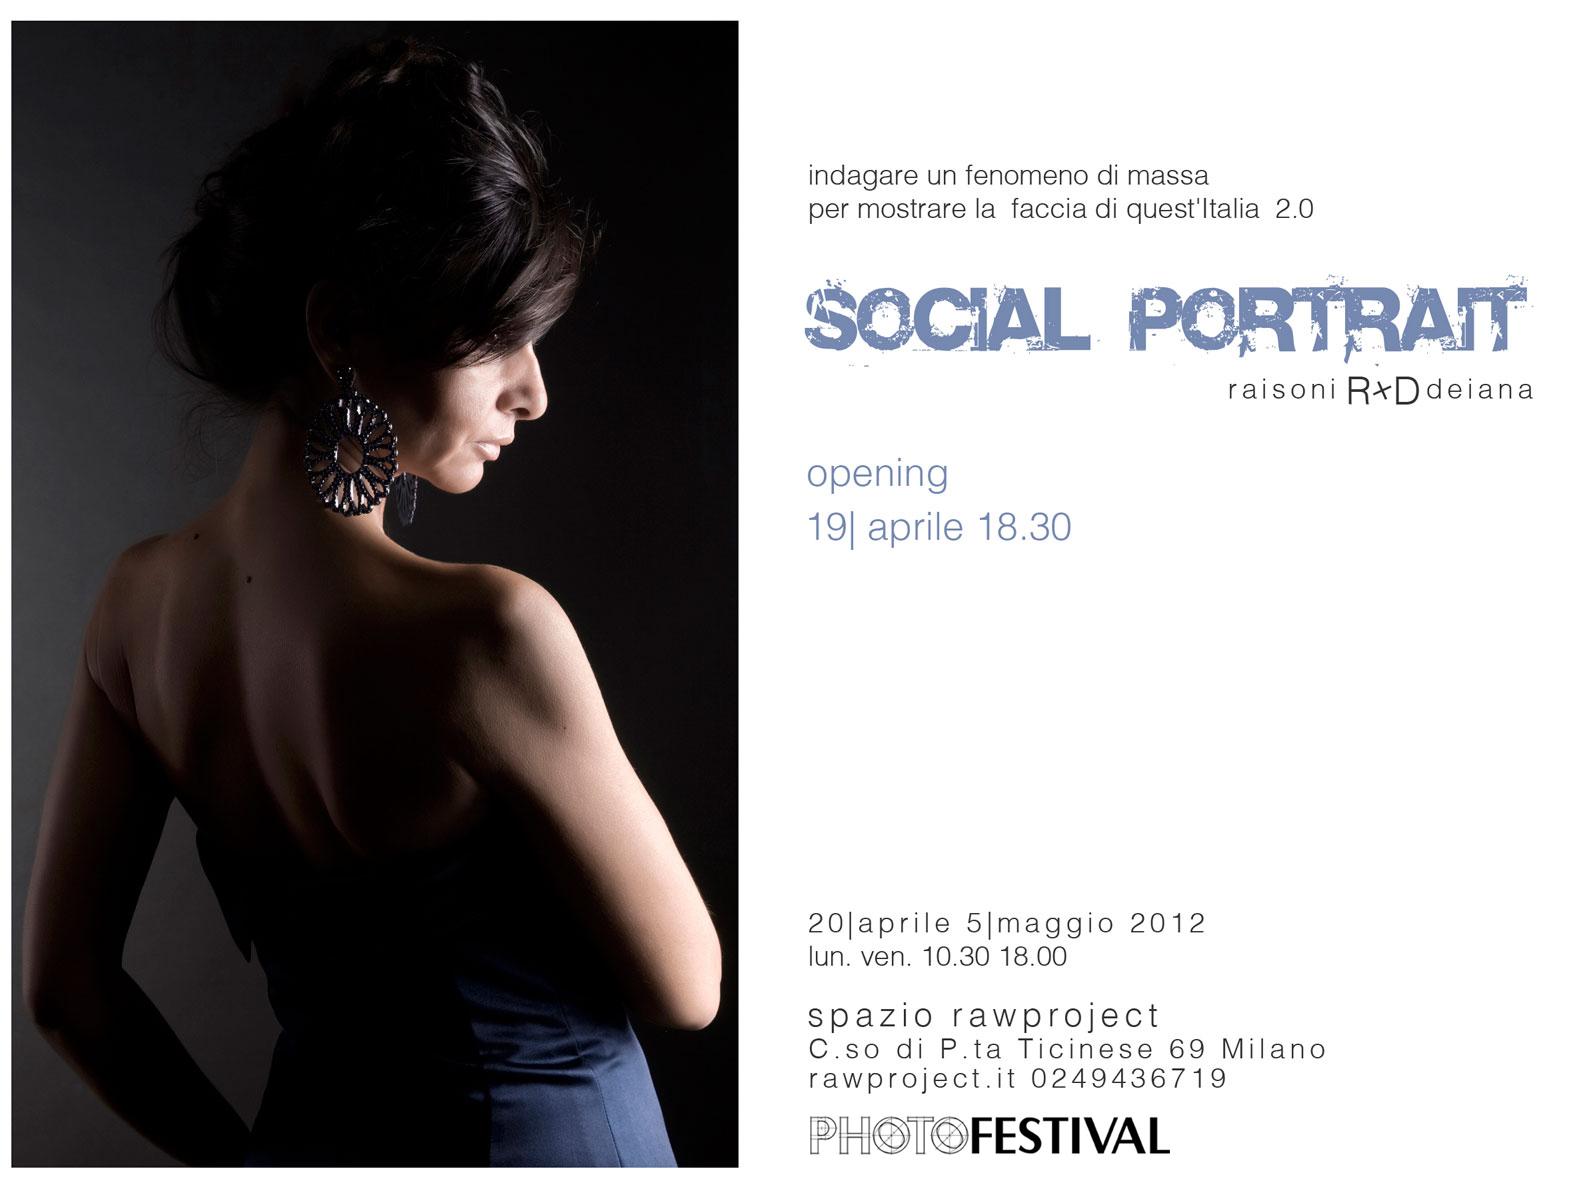 Social Portrait